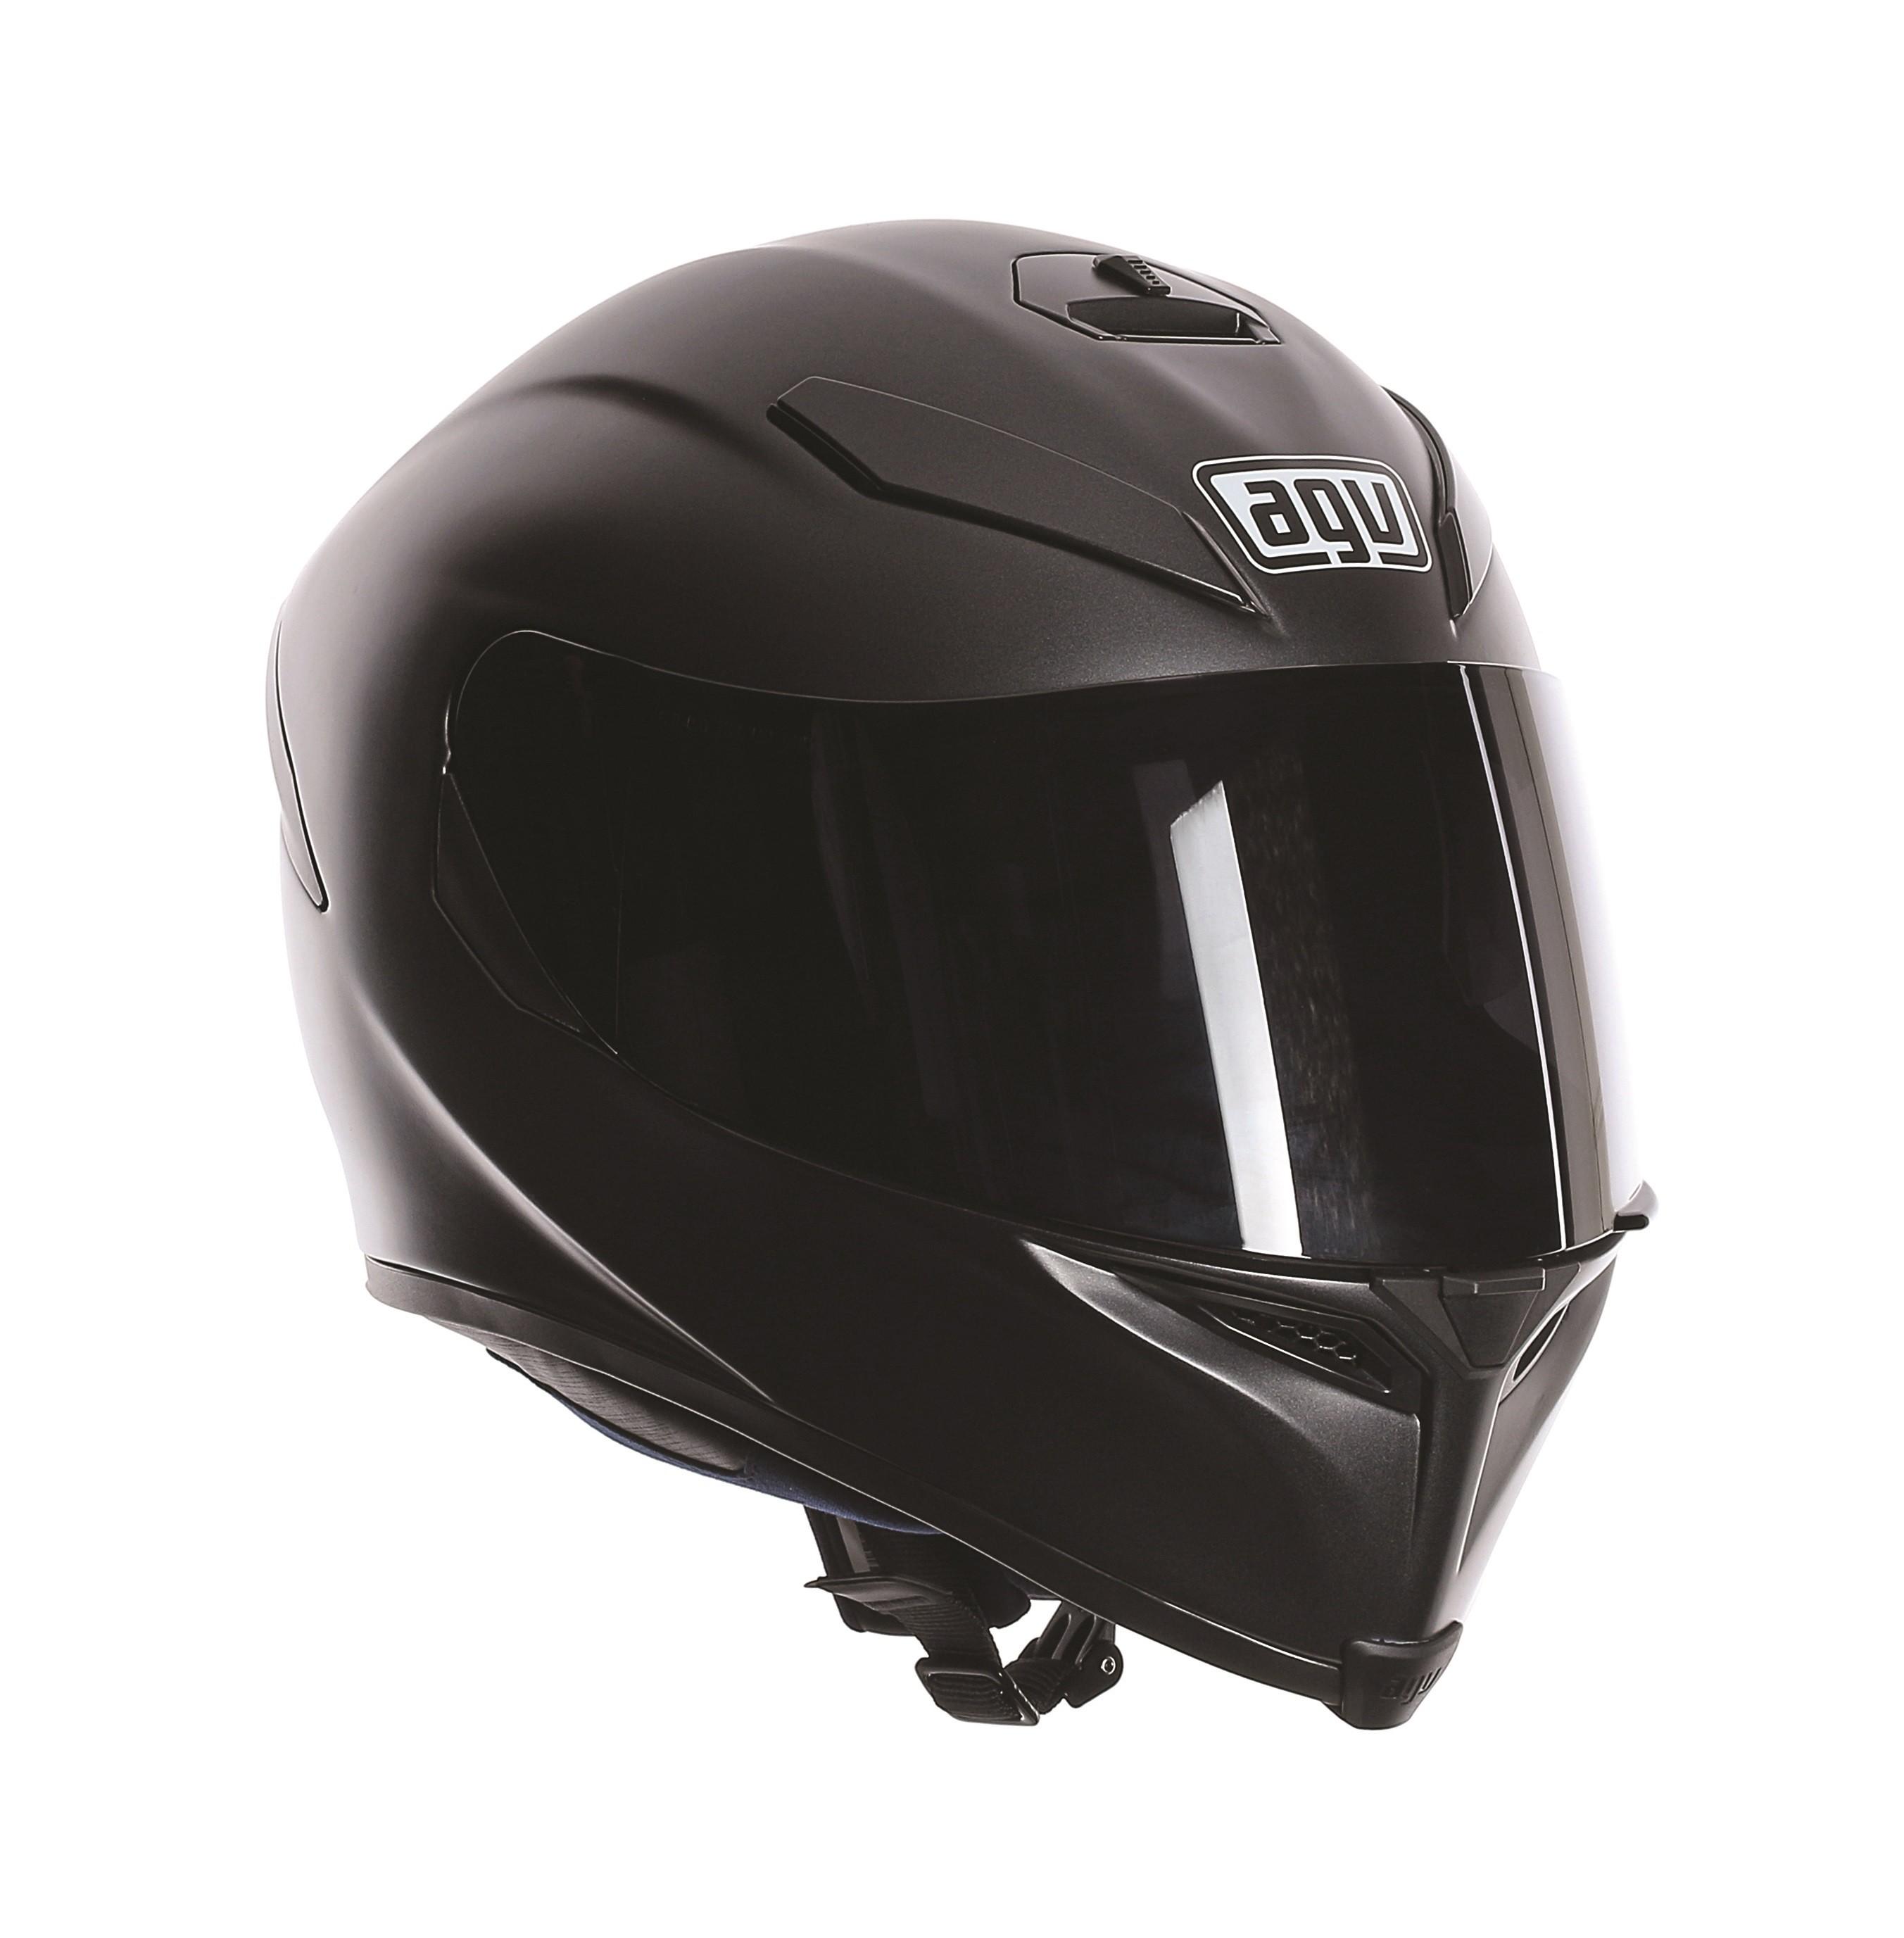 Agv K 5 Full Face Motorcycle Helmet Agv K 5 Helmet